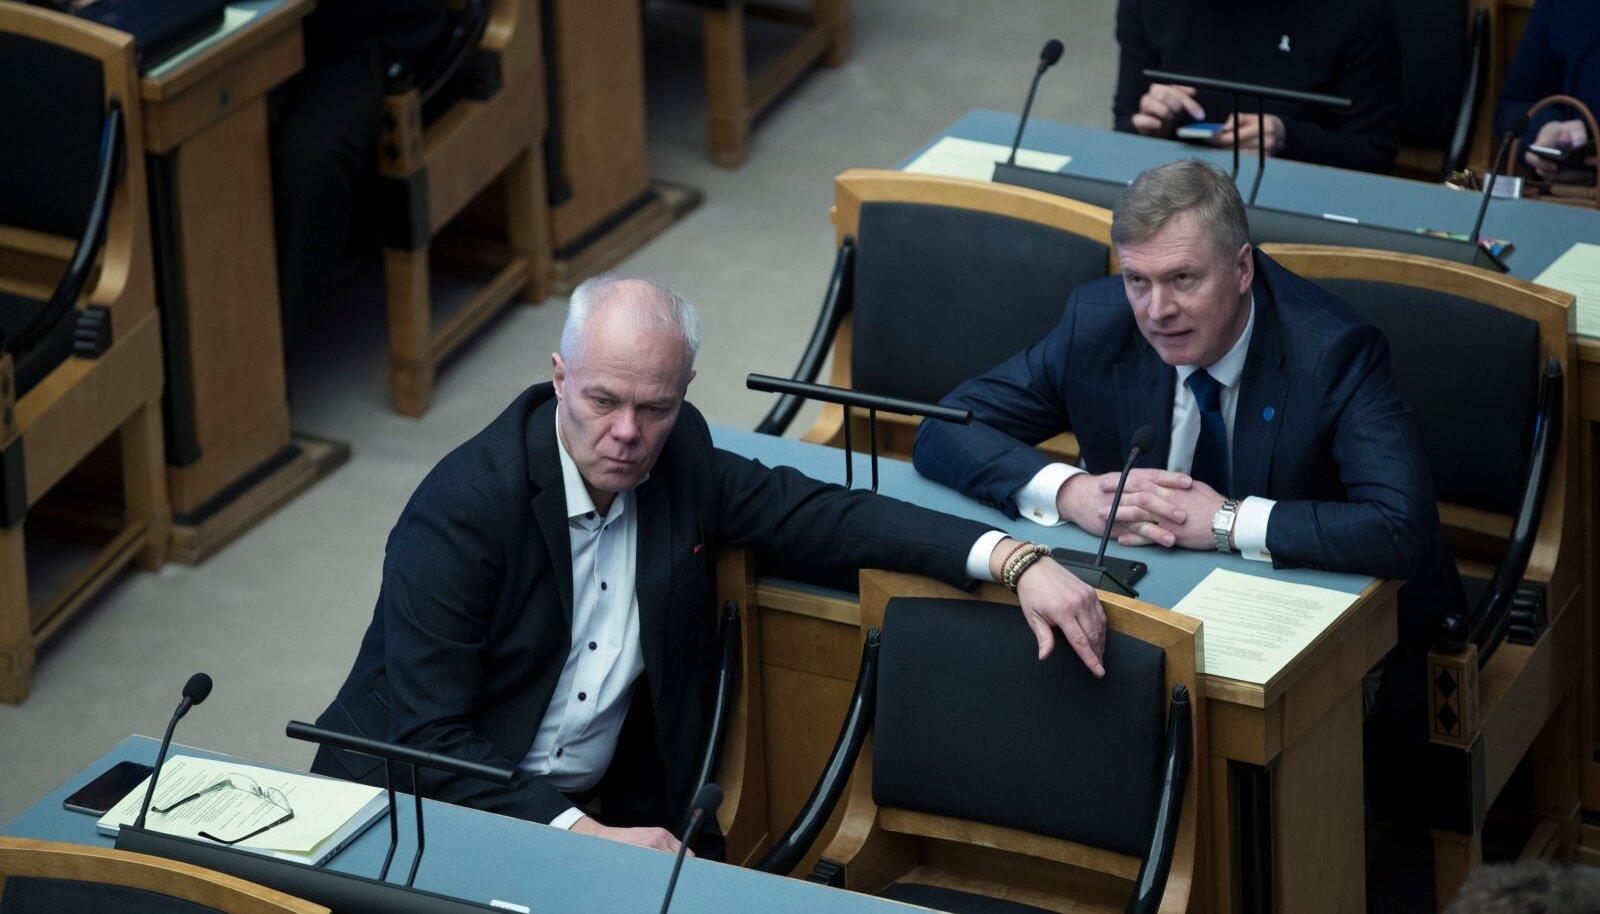 """""""Koalitsioonis olles eelnõu sobis, ent nüüd leidsid nad malaka, millega praegusele valitsusele virutada,"""" nendib Toomas Kivimägi."""